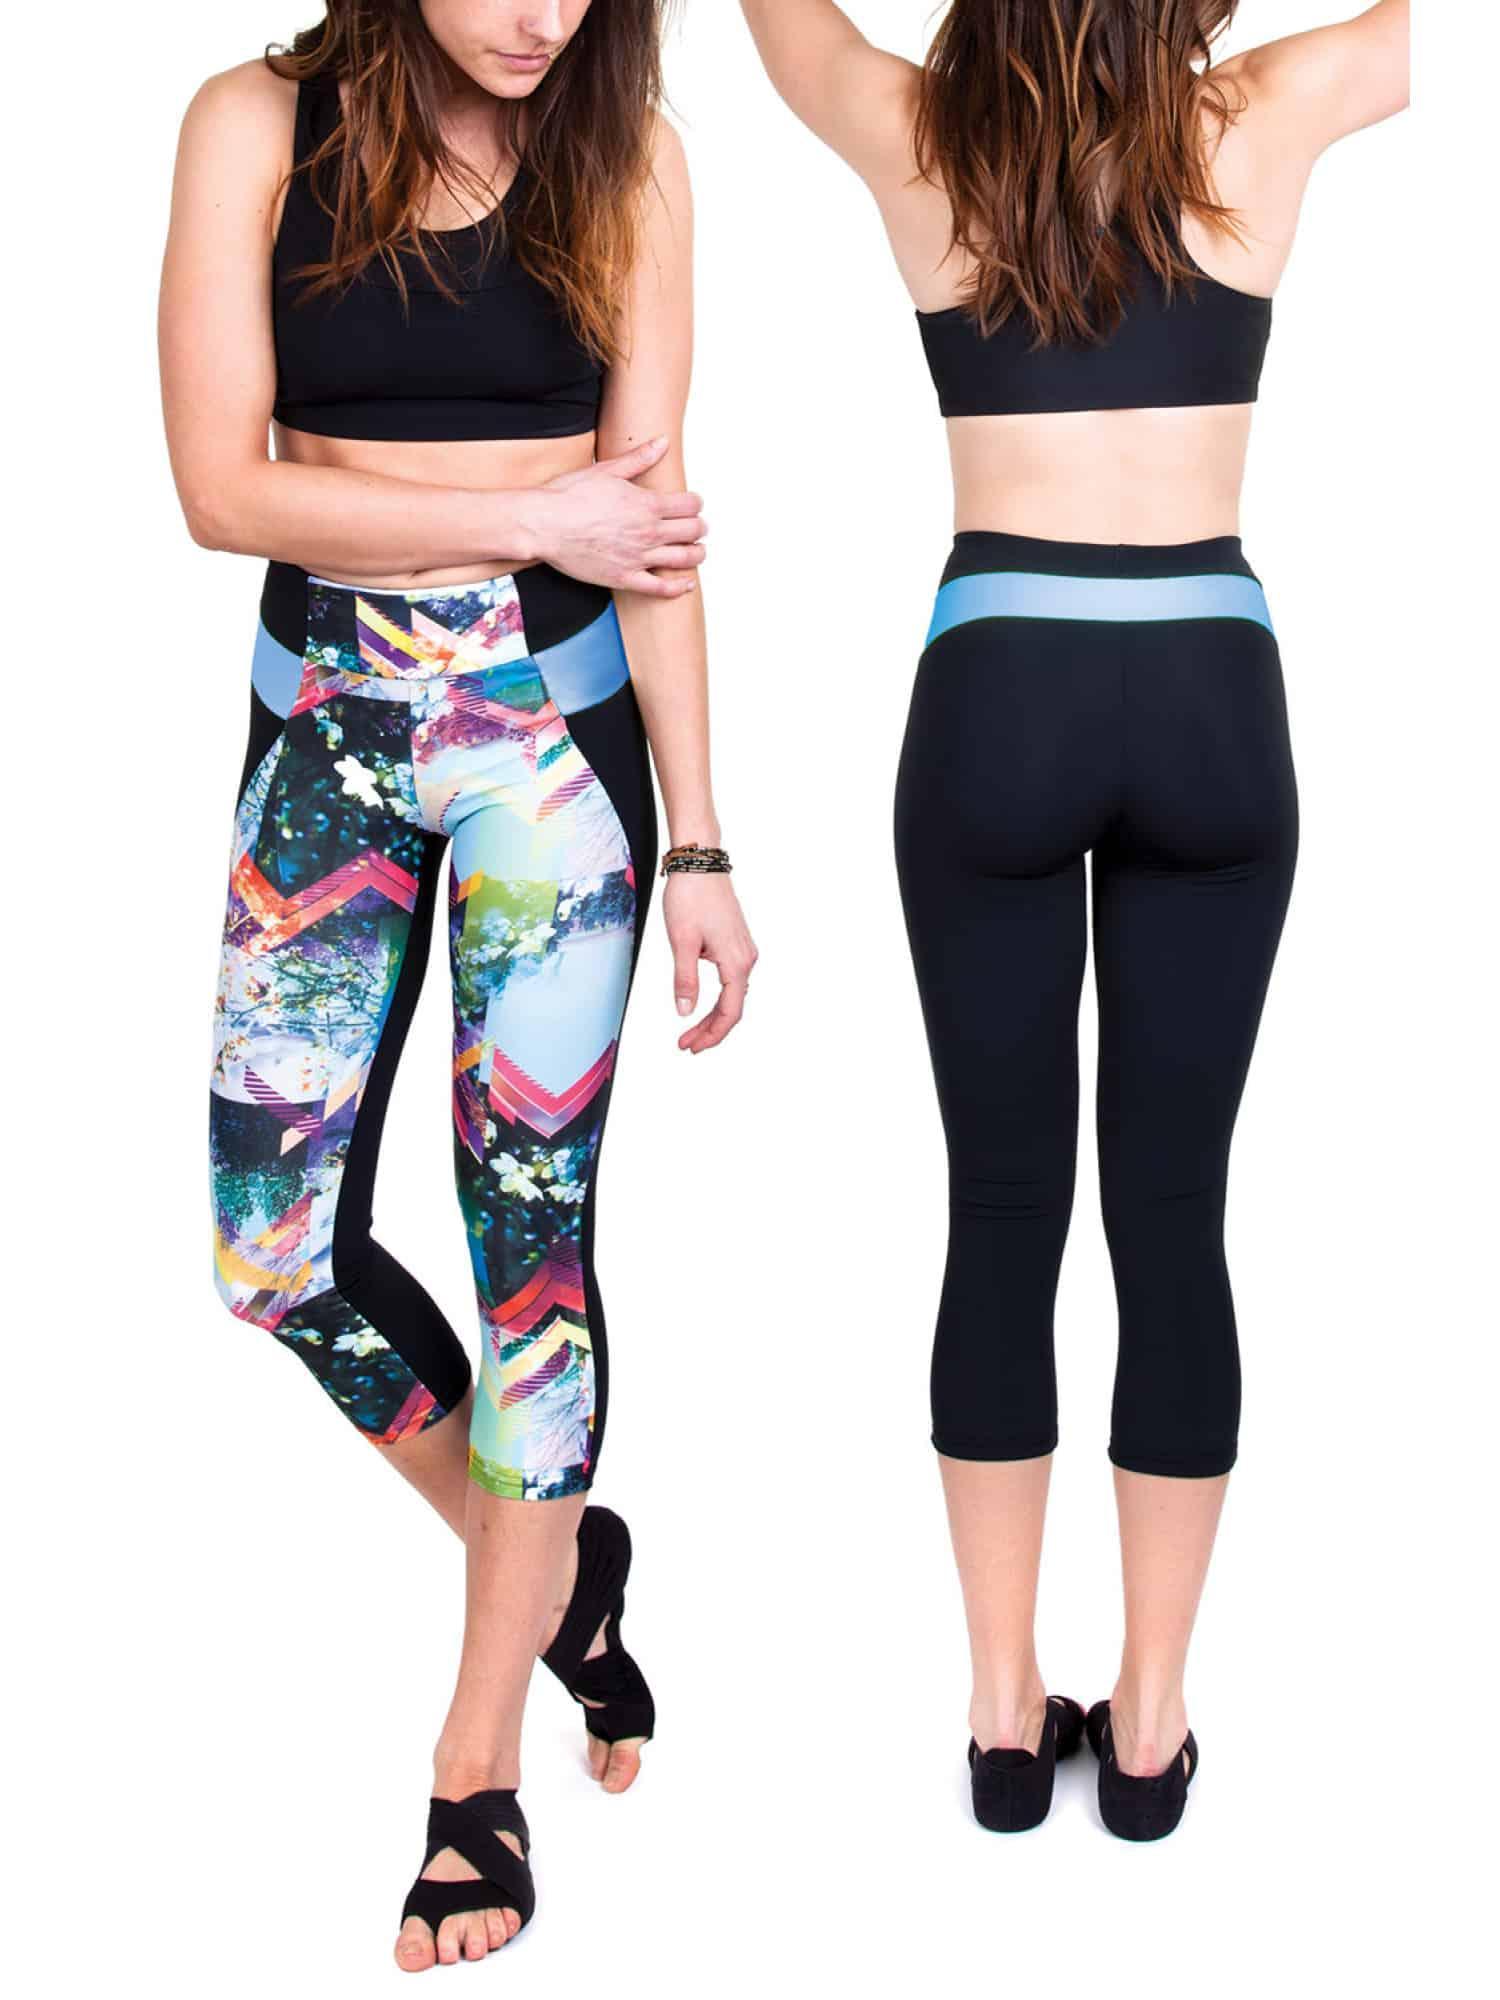 workout leggings sewing patterns